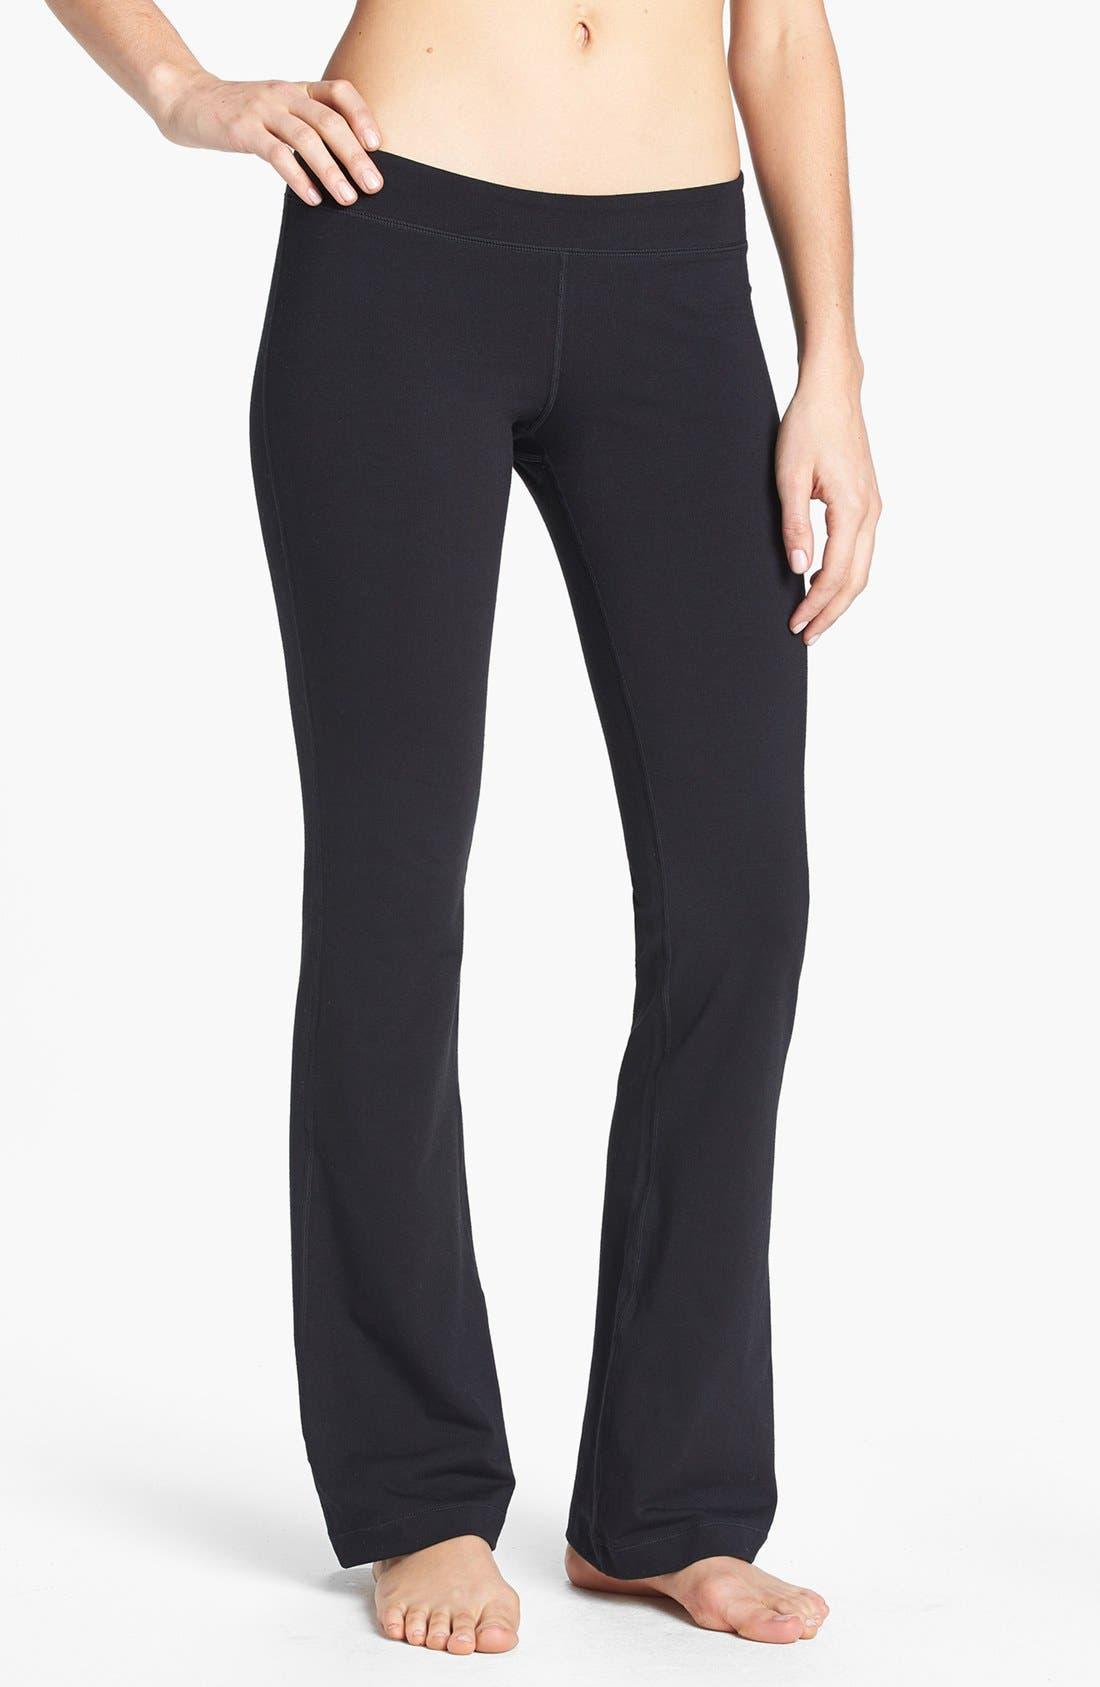 Main Image - Unit-Y Yoga Pants